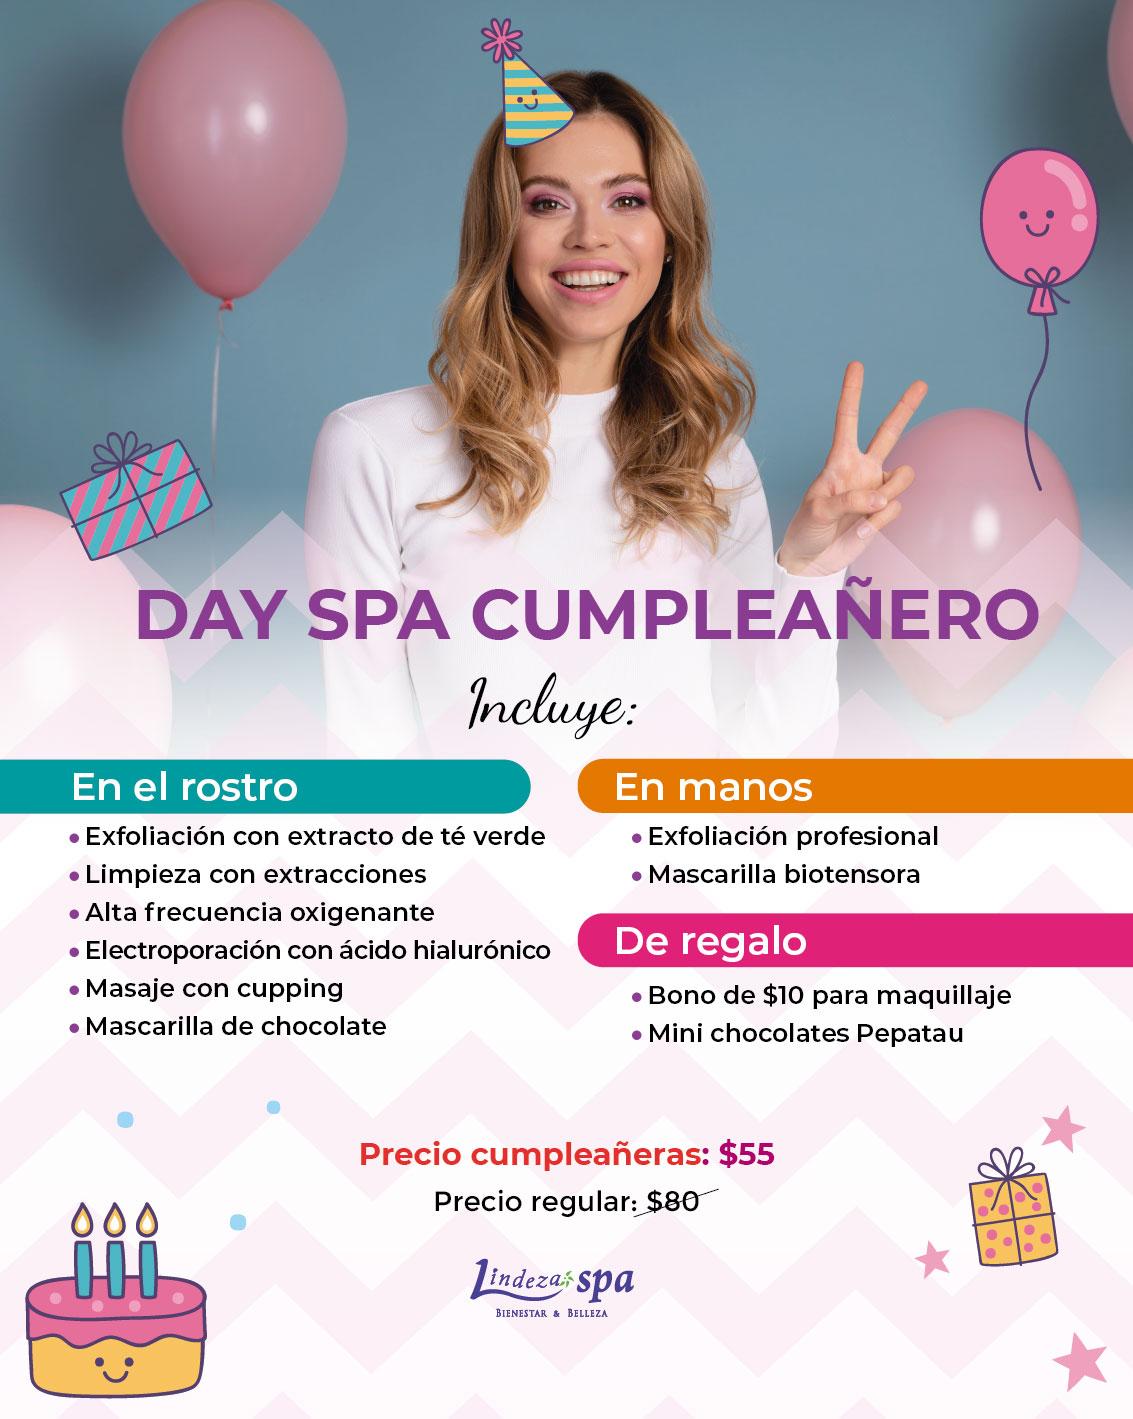 Día de spa, day spa, regalo de cumpleaños, spa en Guayaquil, facial en Guayaquil, limpieza facial profunda